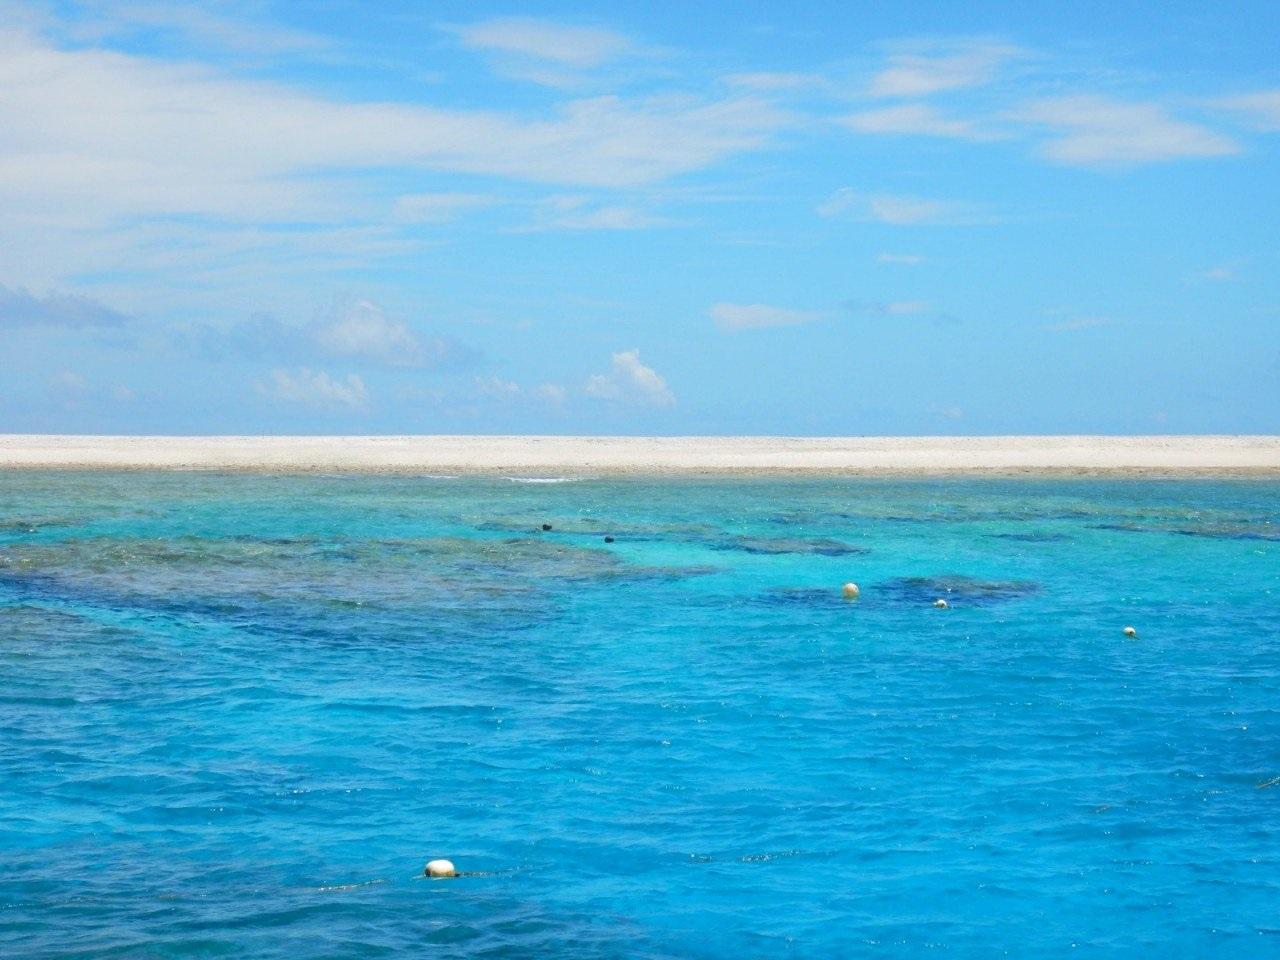 慶良間諸島の行き方やフェリーの時間は?絶対に行っておきたい透明度が高く一番綺麗な海は?